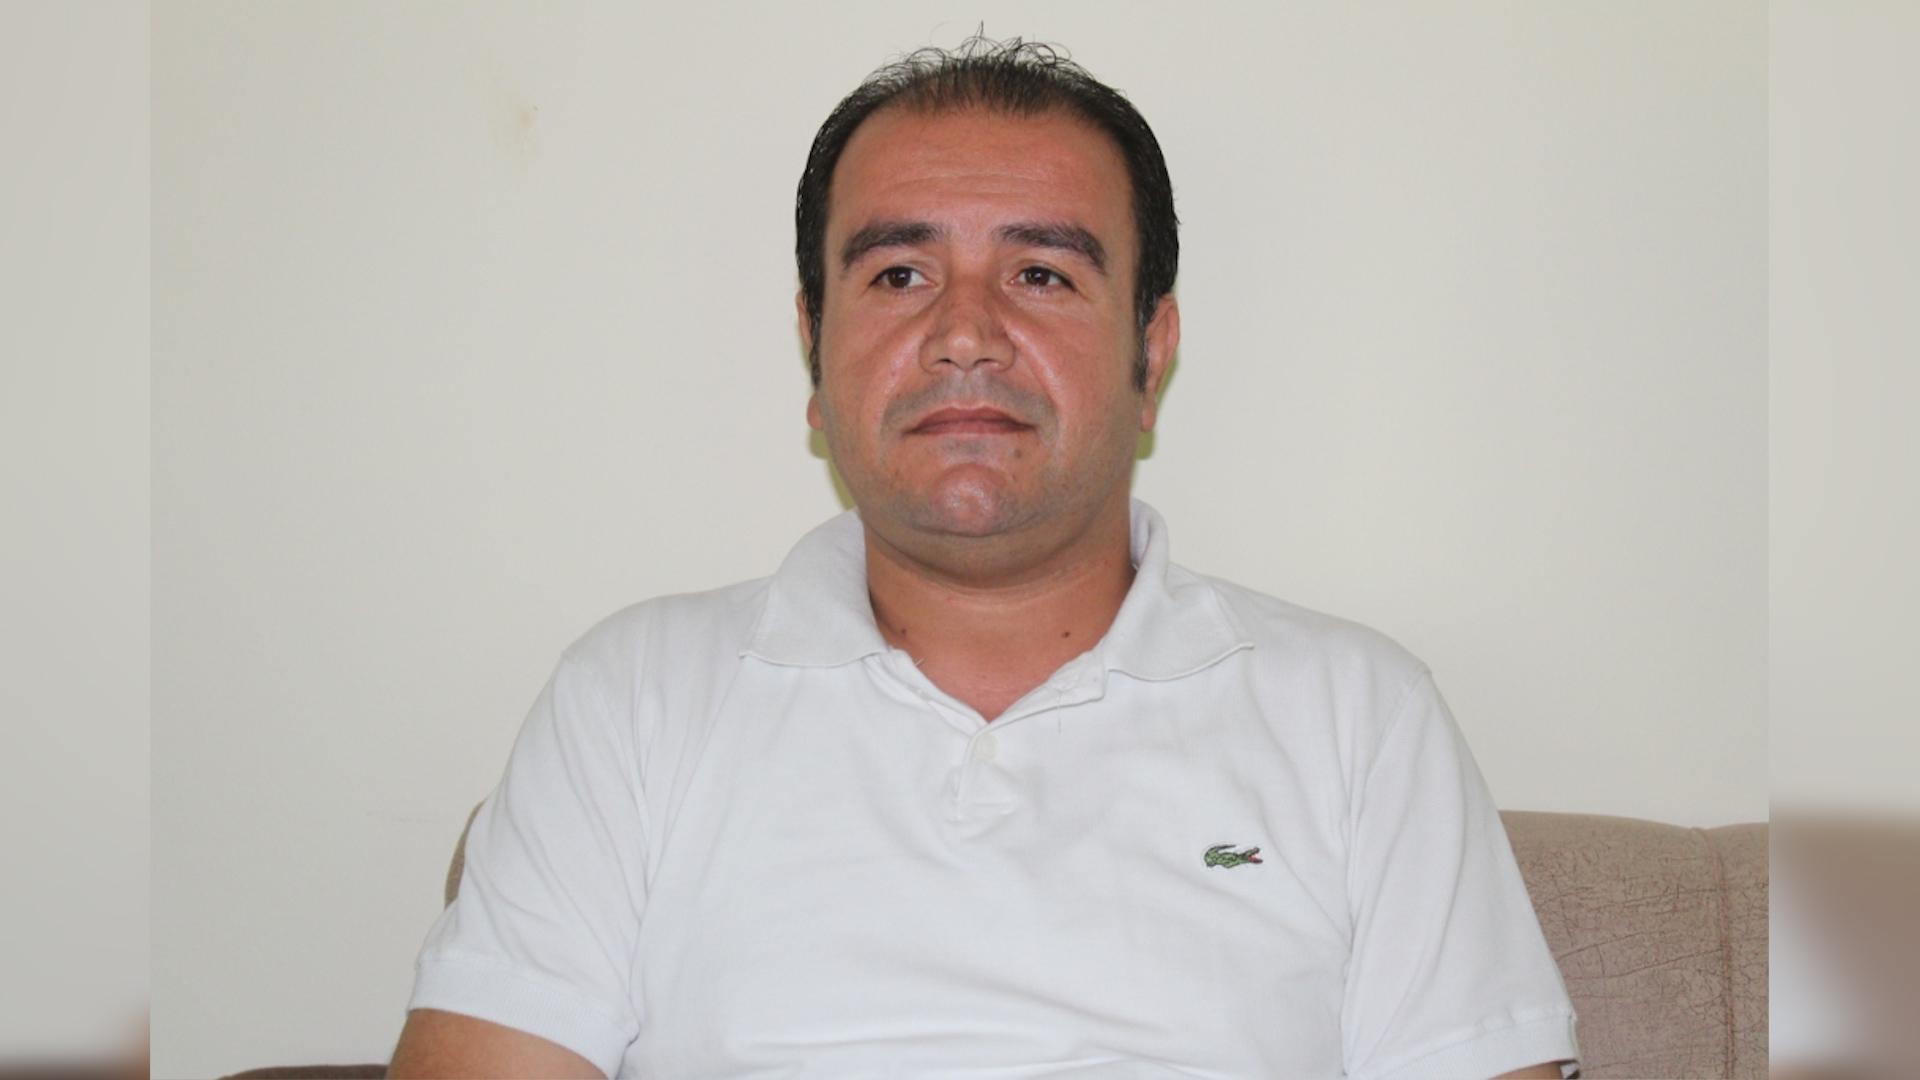 صورة هيئة الشؤون الاجتماعية والعمل في كوباني تُقدم الدعم للعوائل المحتاجة